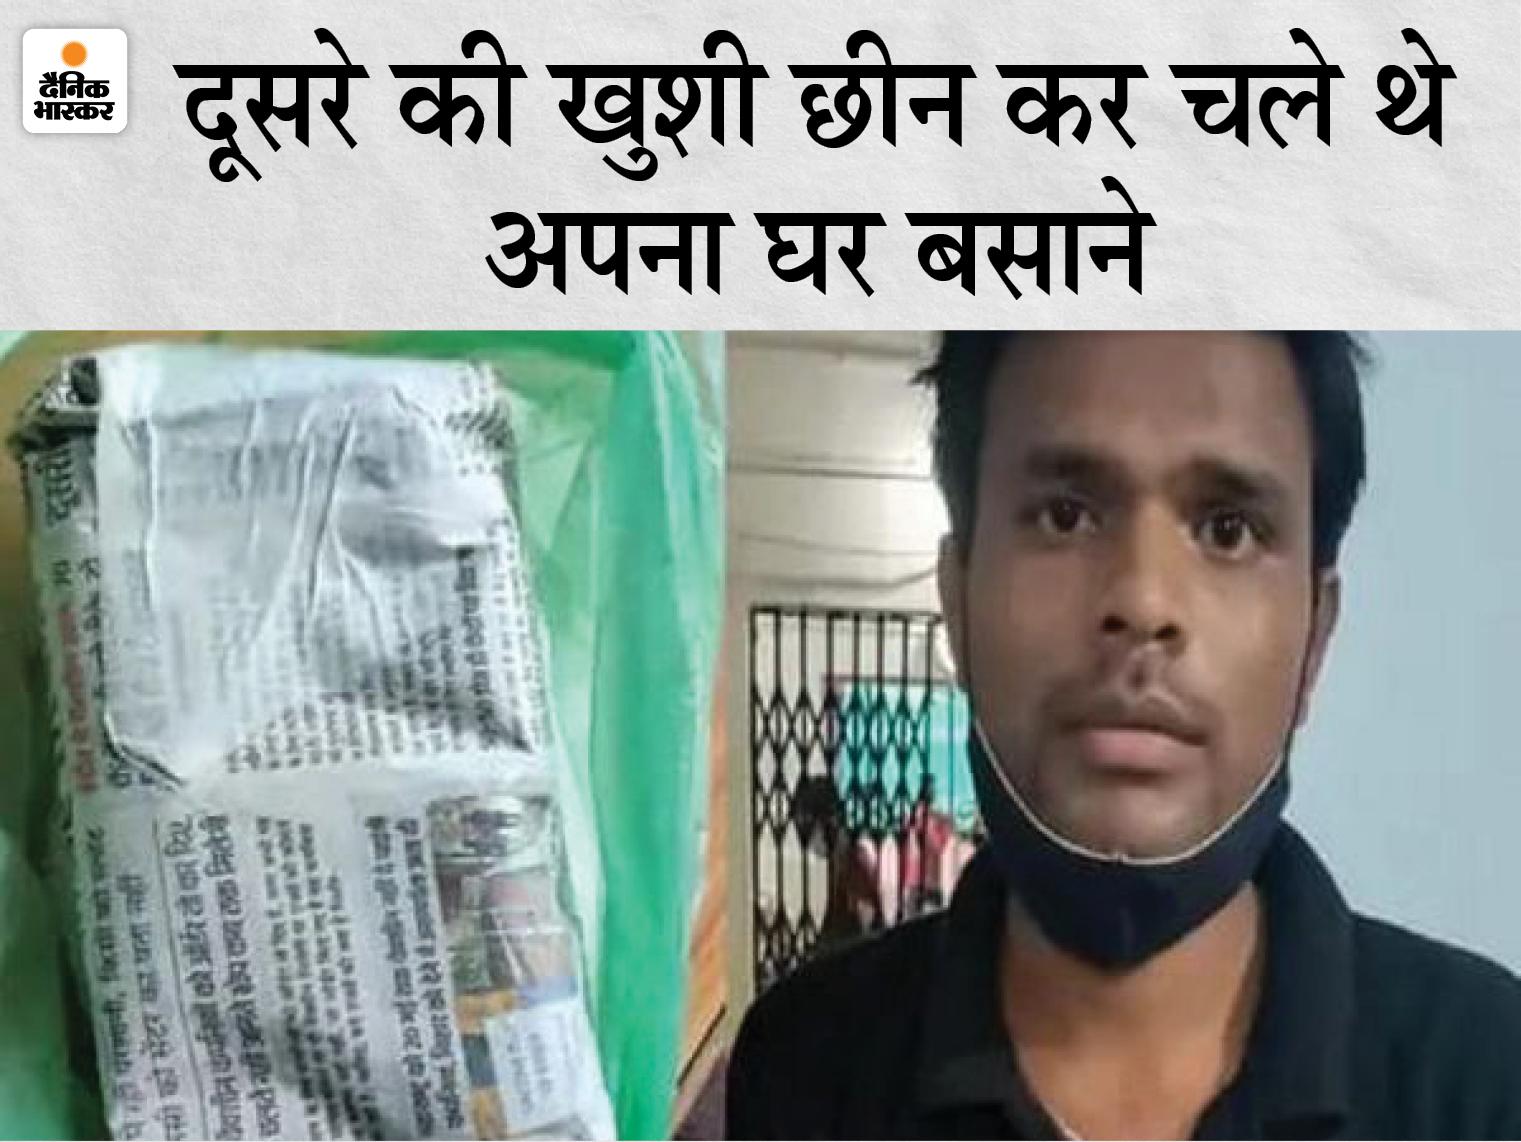 पानी भरकर टोसिलिजुमैब के इंजेक्शन ढाई-ढाई लाख रुपए में बेचे; इन पैसों से गर्लफ्रेंड को गिफ्ट दिए|इंदौर,Indore - Dainik Bhaskar